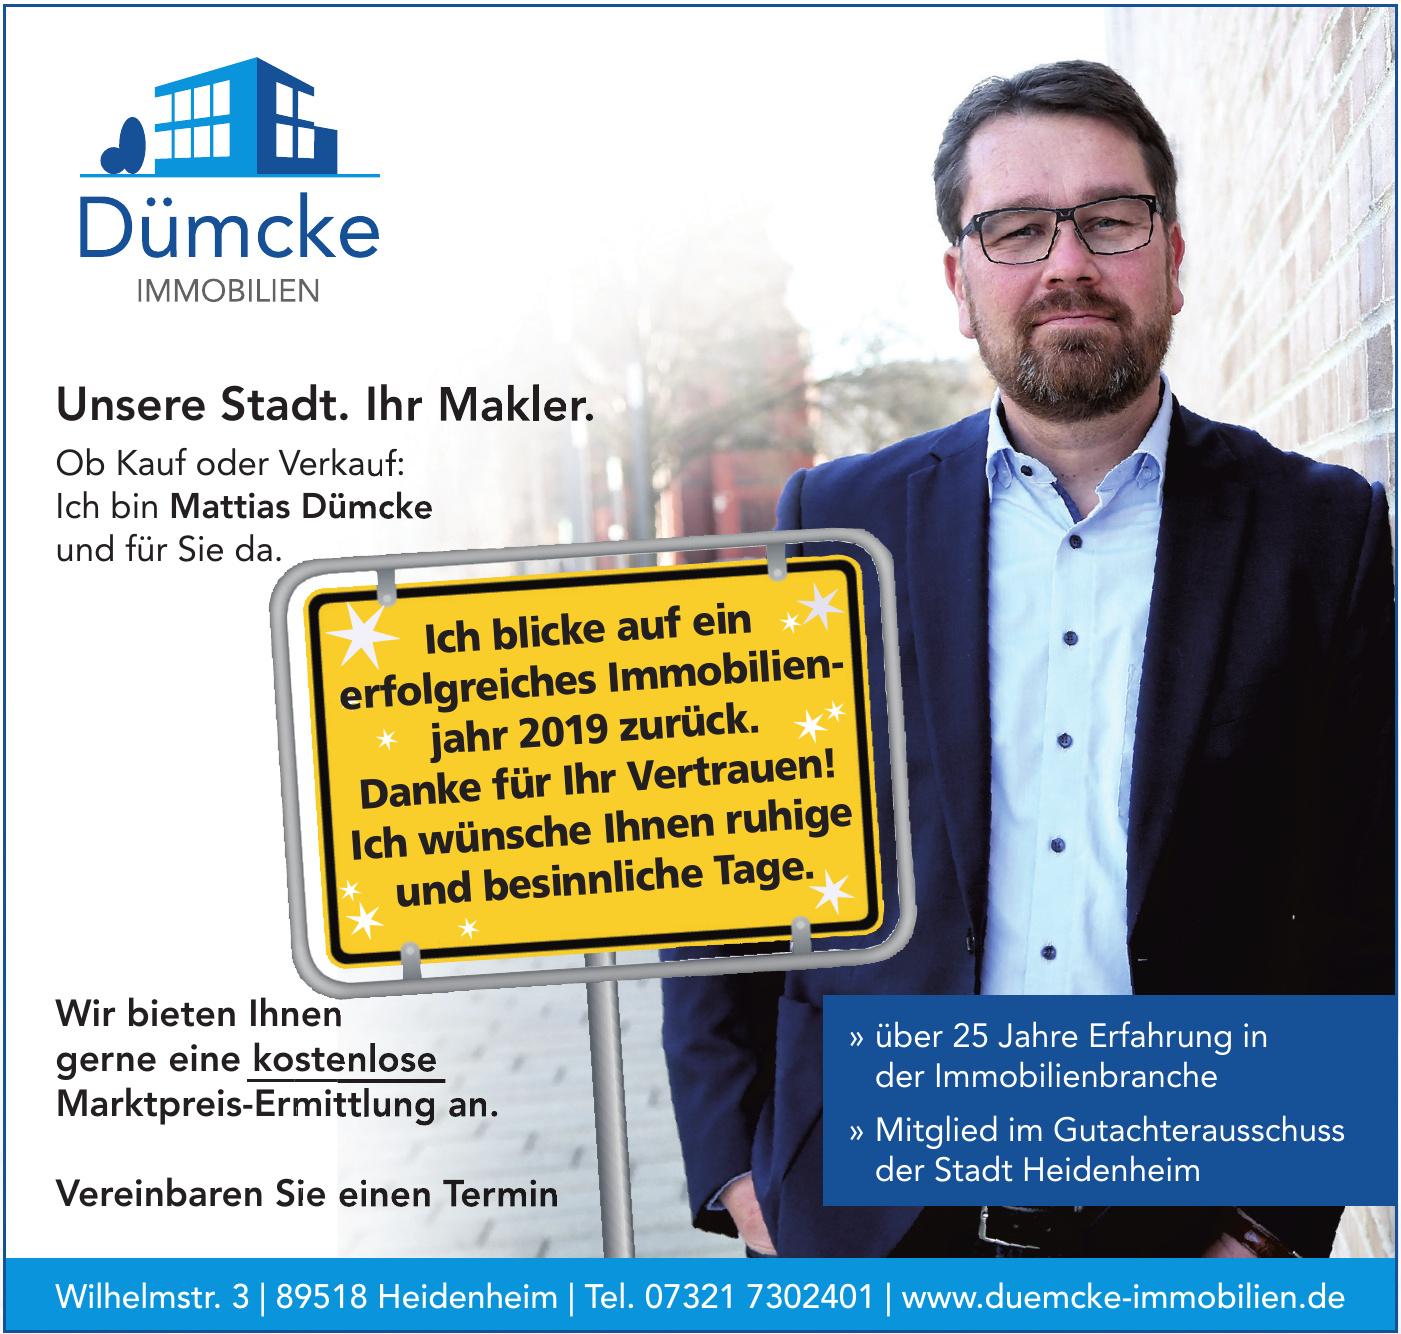 Dümcke Immobilien